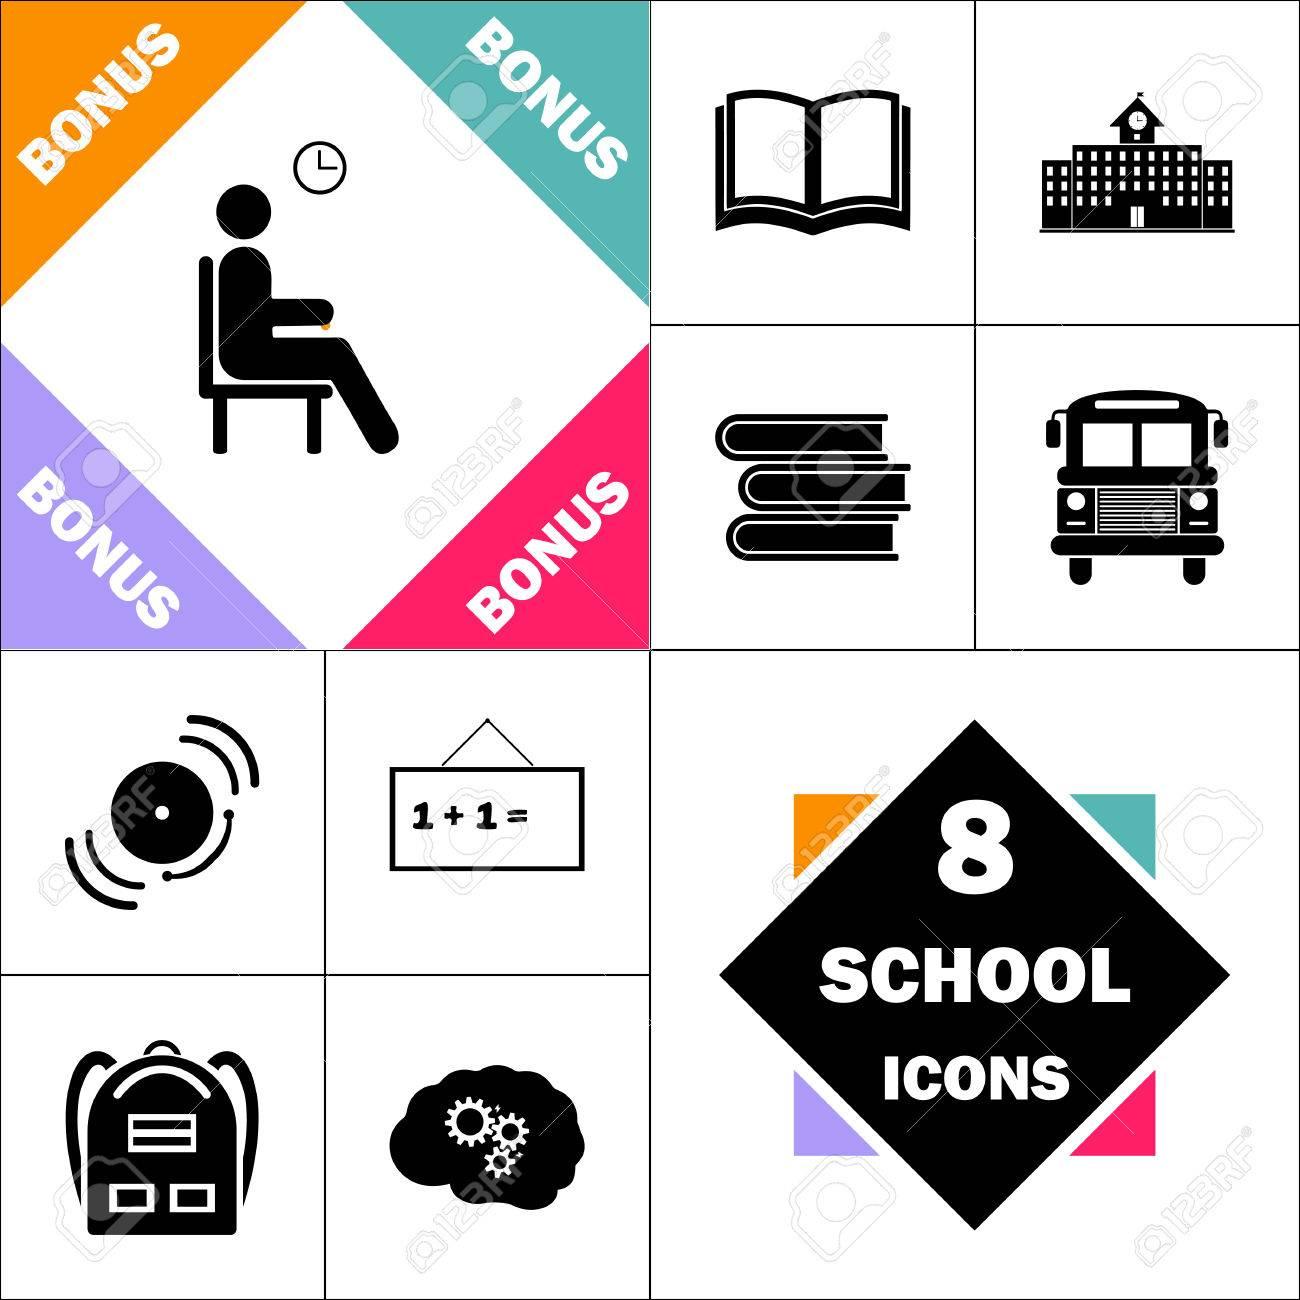 Attendre L Icone Et Definir Le Pictogramme Perfect Retour A L Ecole Contient Des Icones Telles Que Le Livre Scolaire Le Batiment Scolaire Le Bus